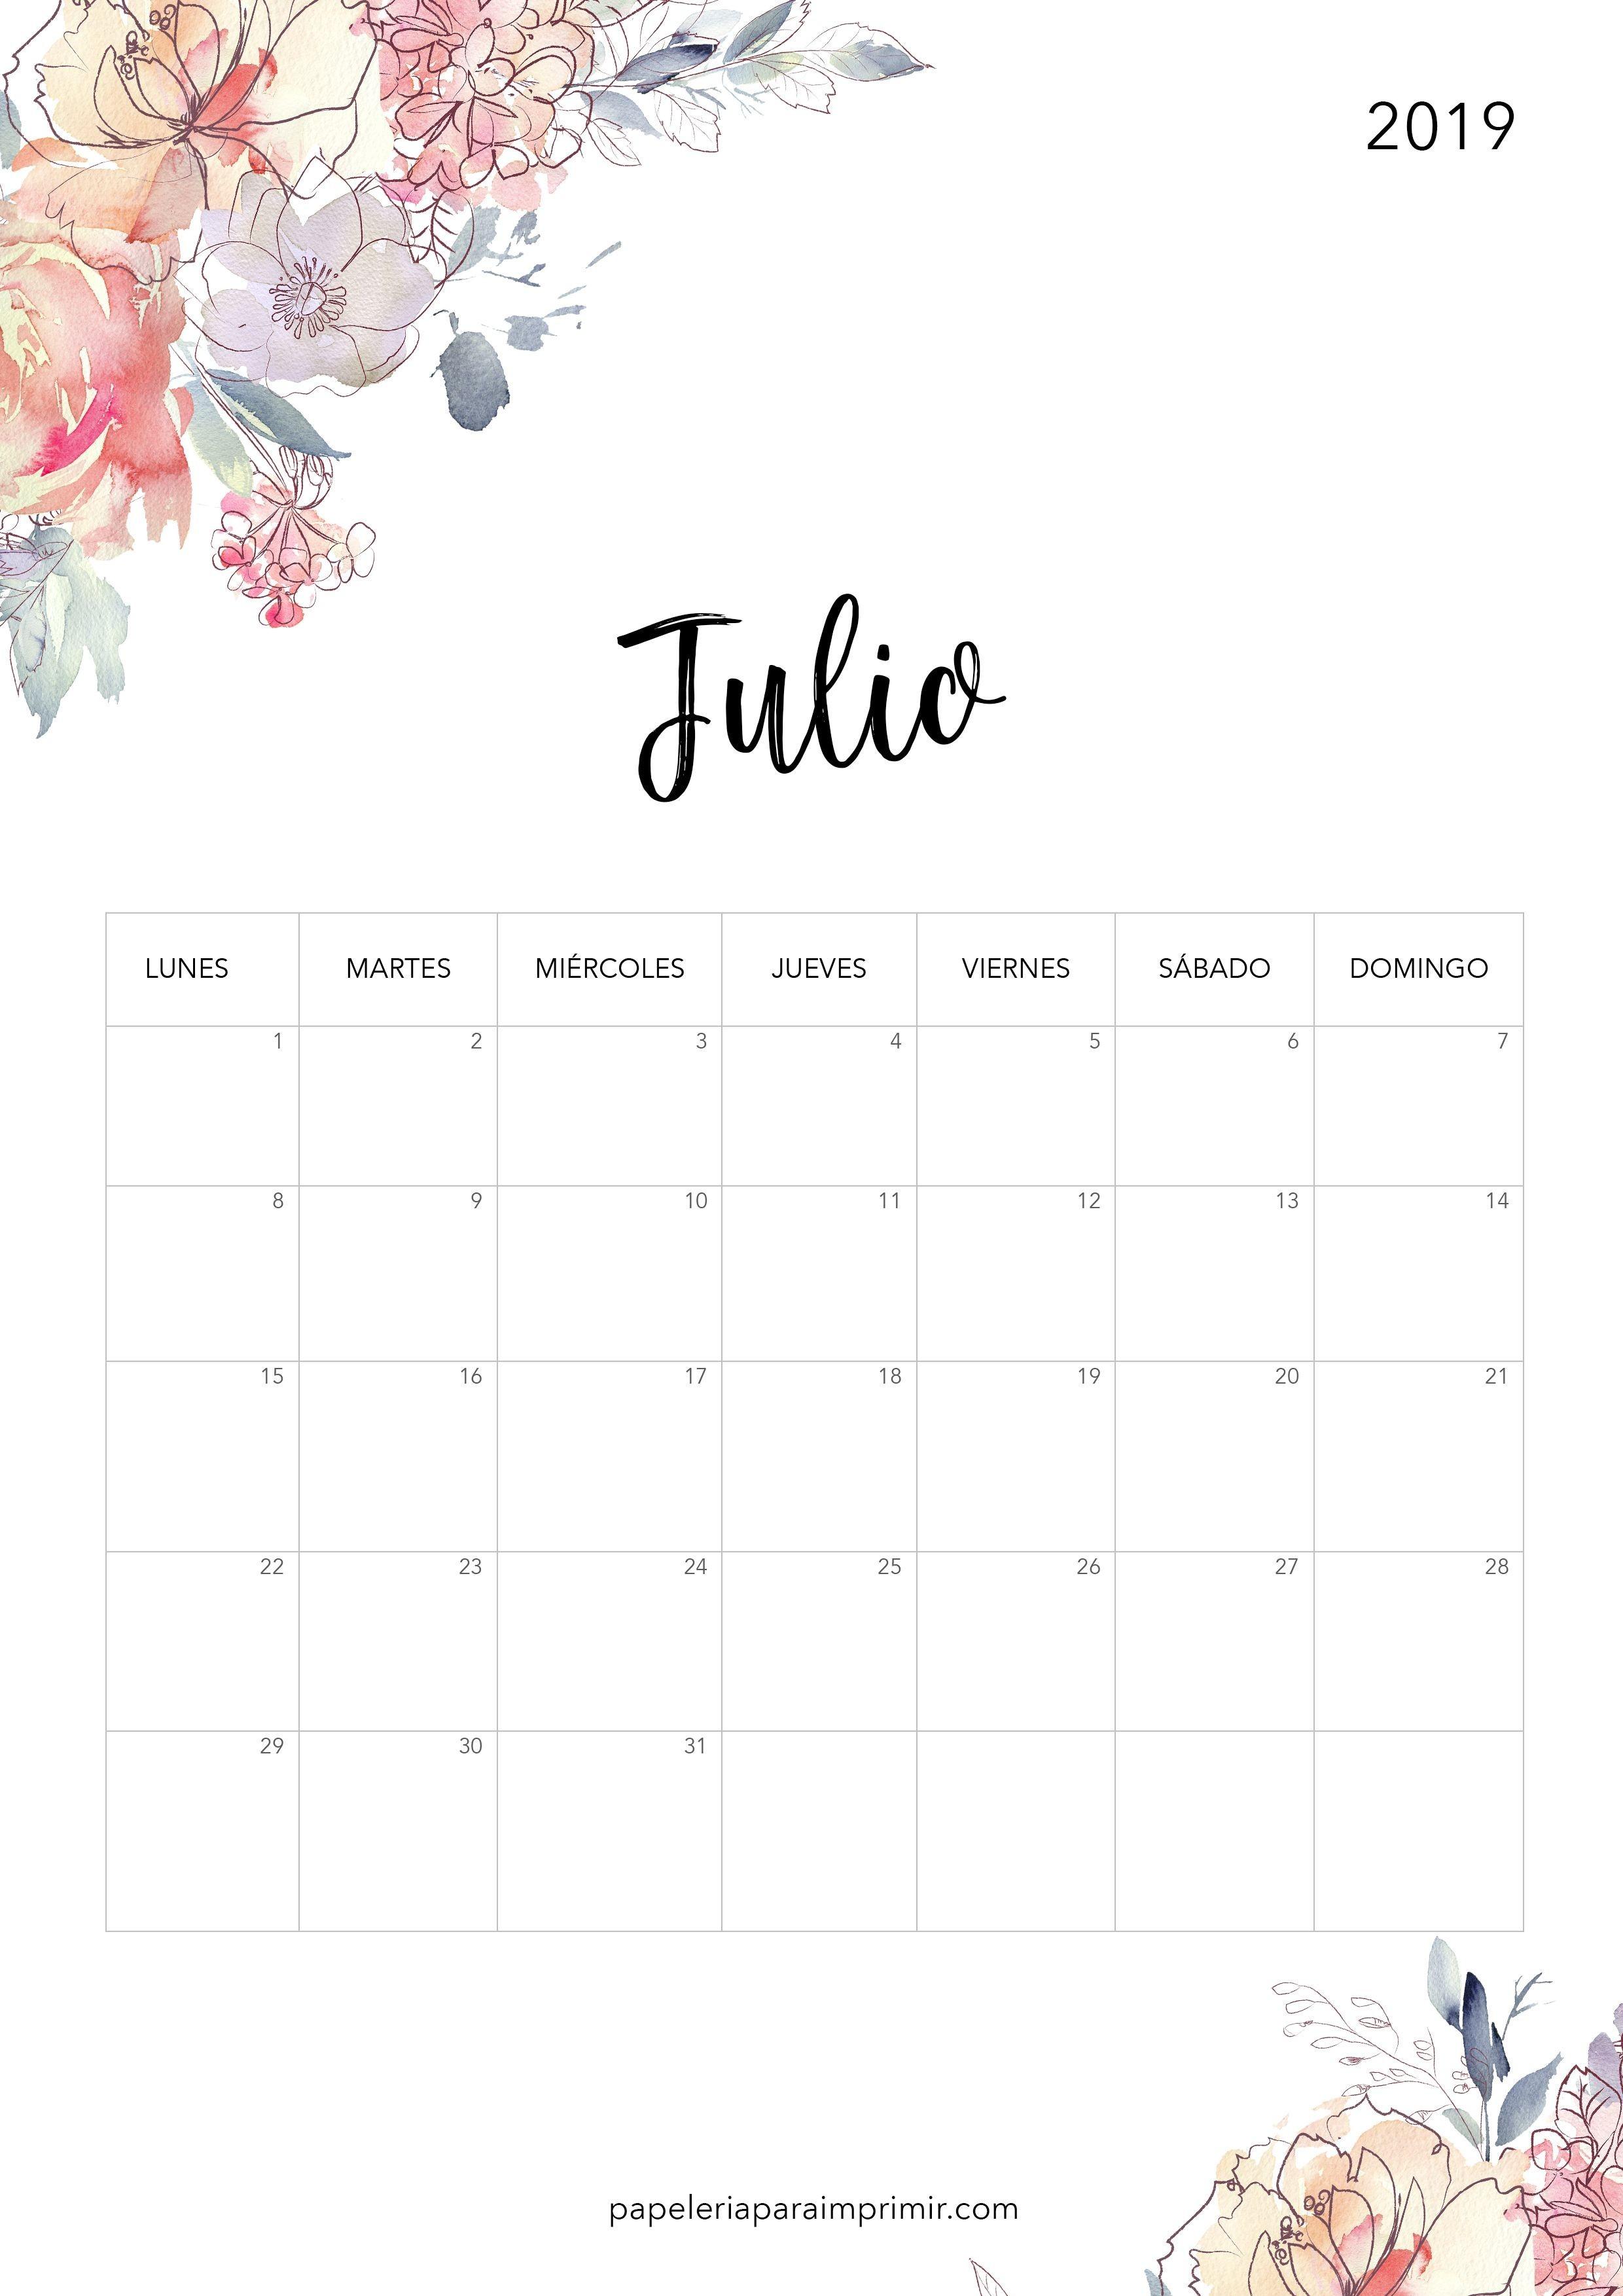 Calendario para imprimir 2019 Julio calendario imprimir julio july gratis